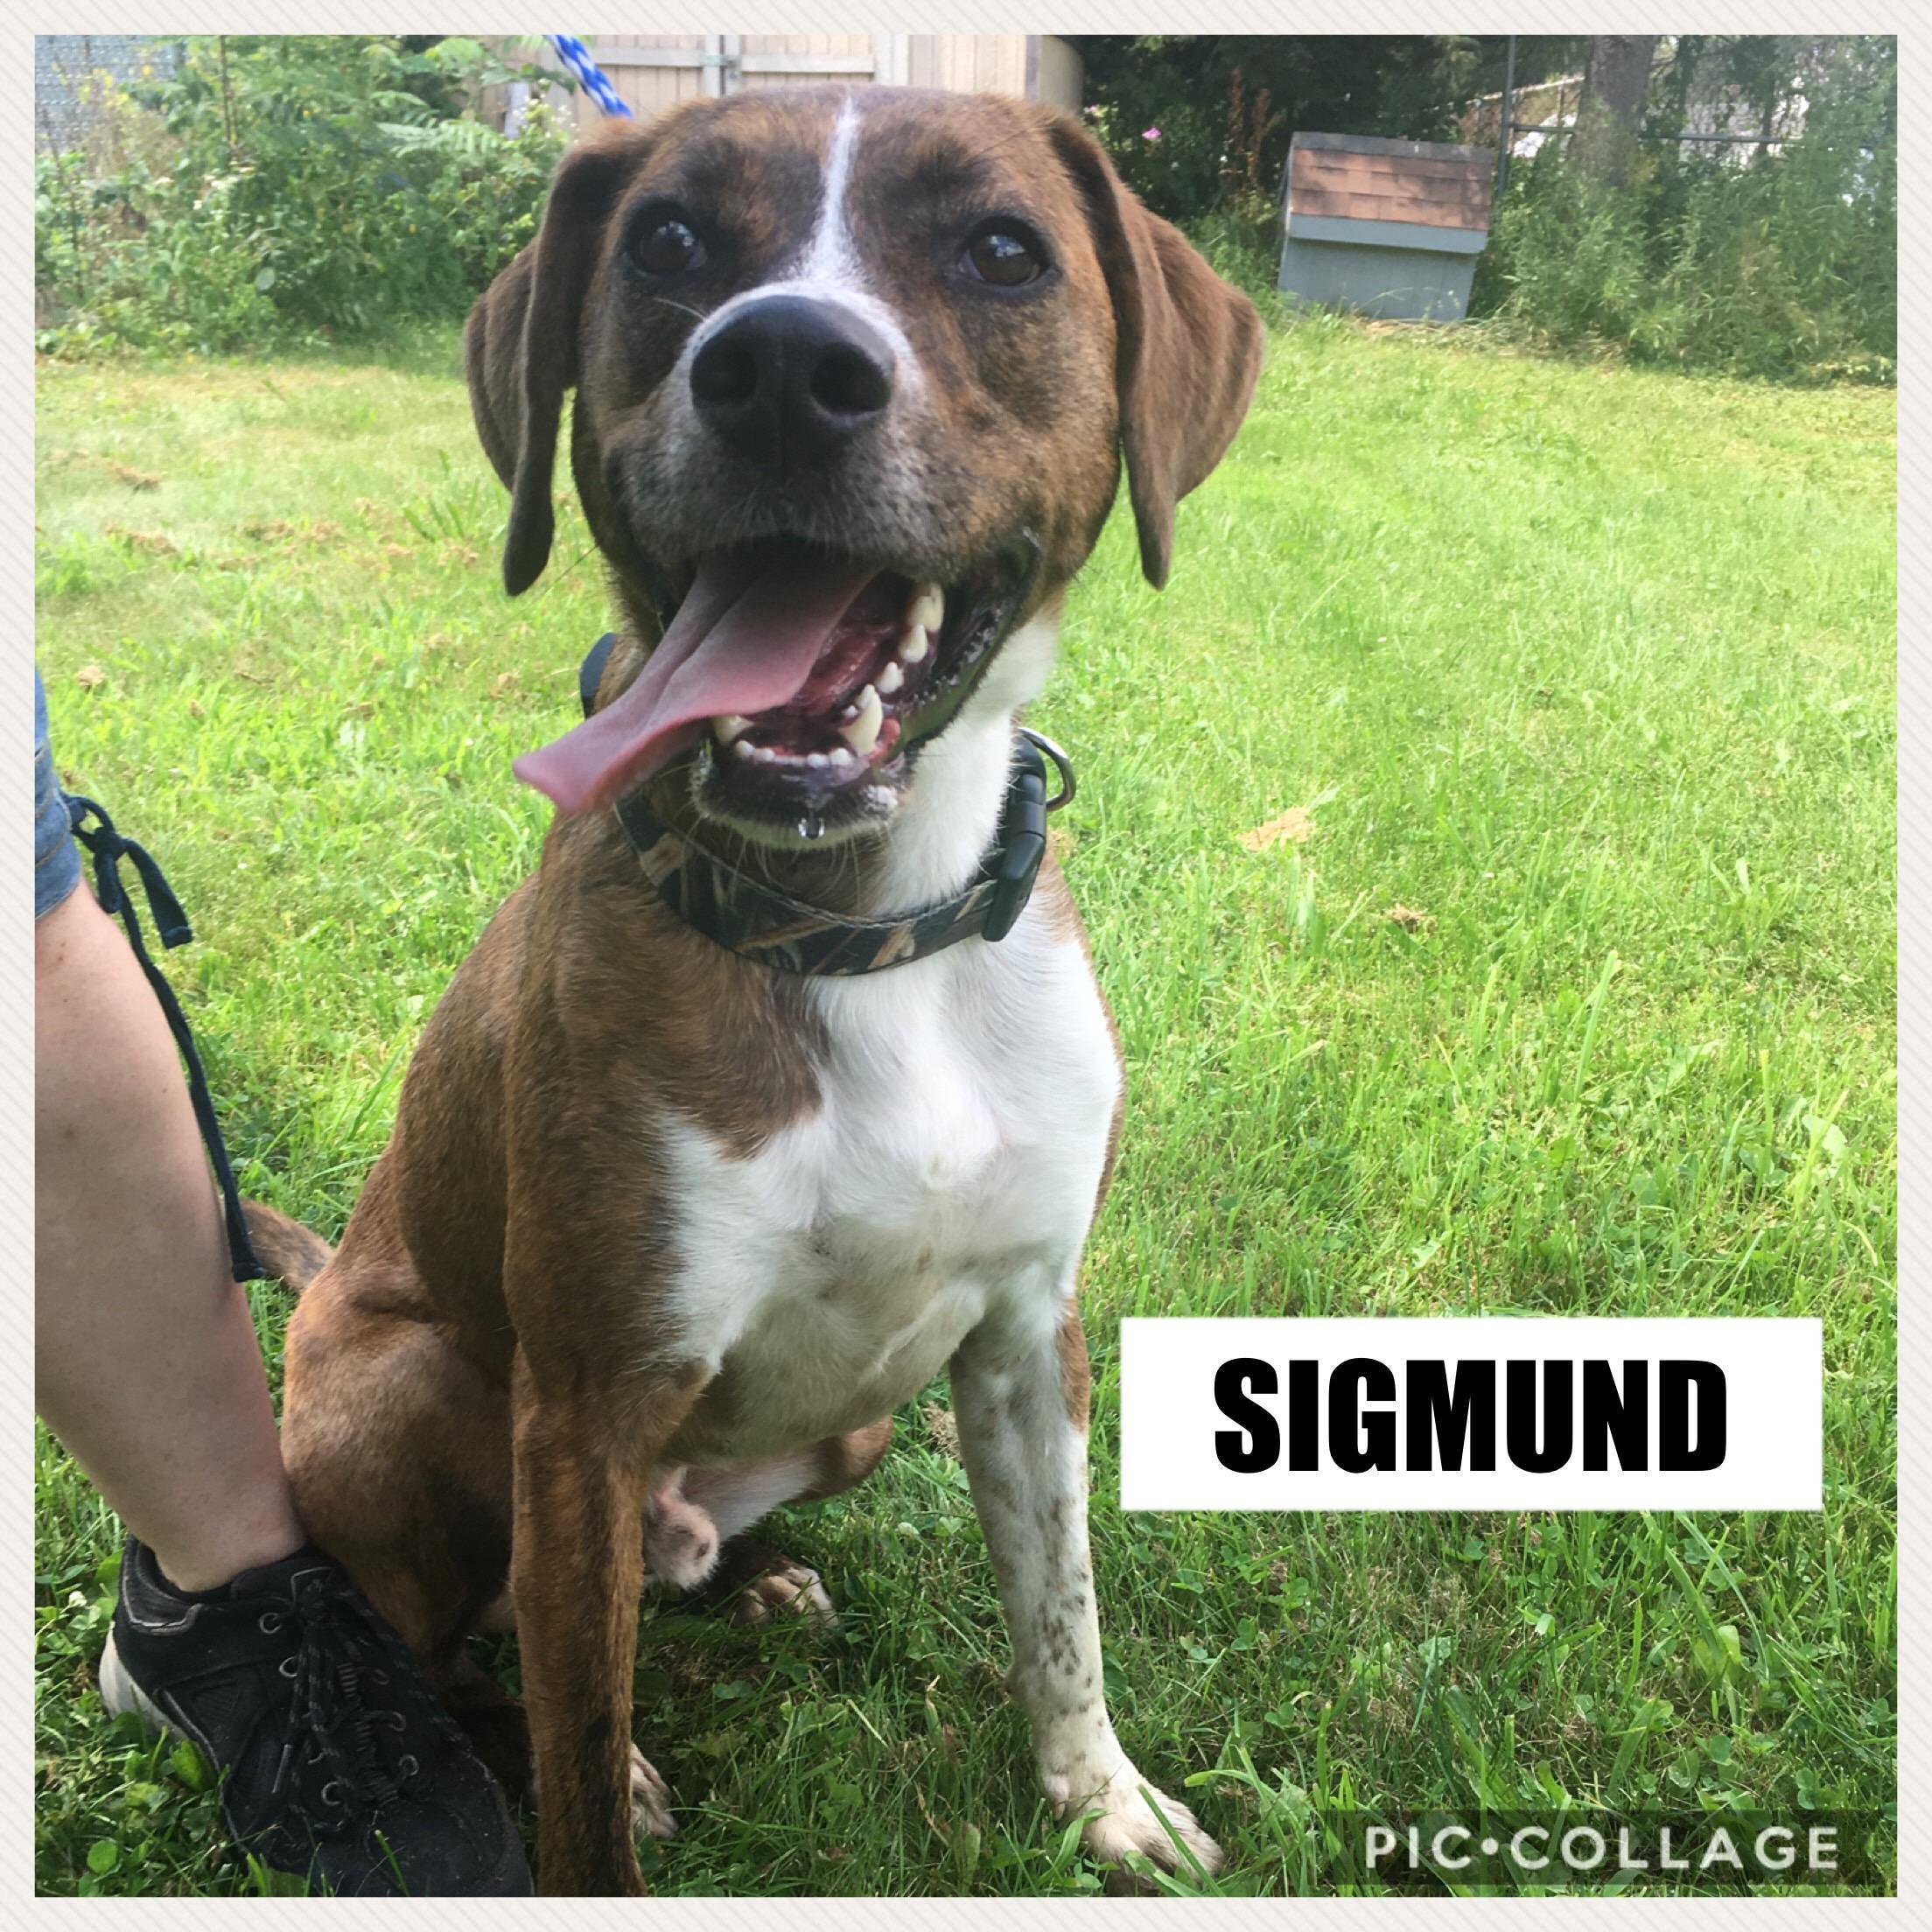 Sigmund - Hound Mix